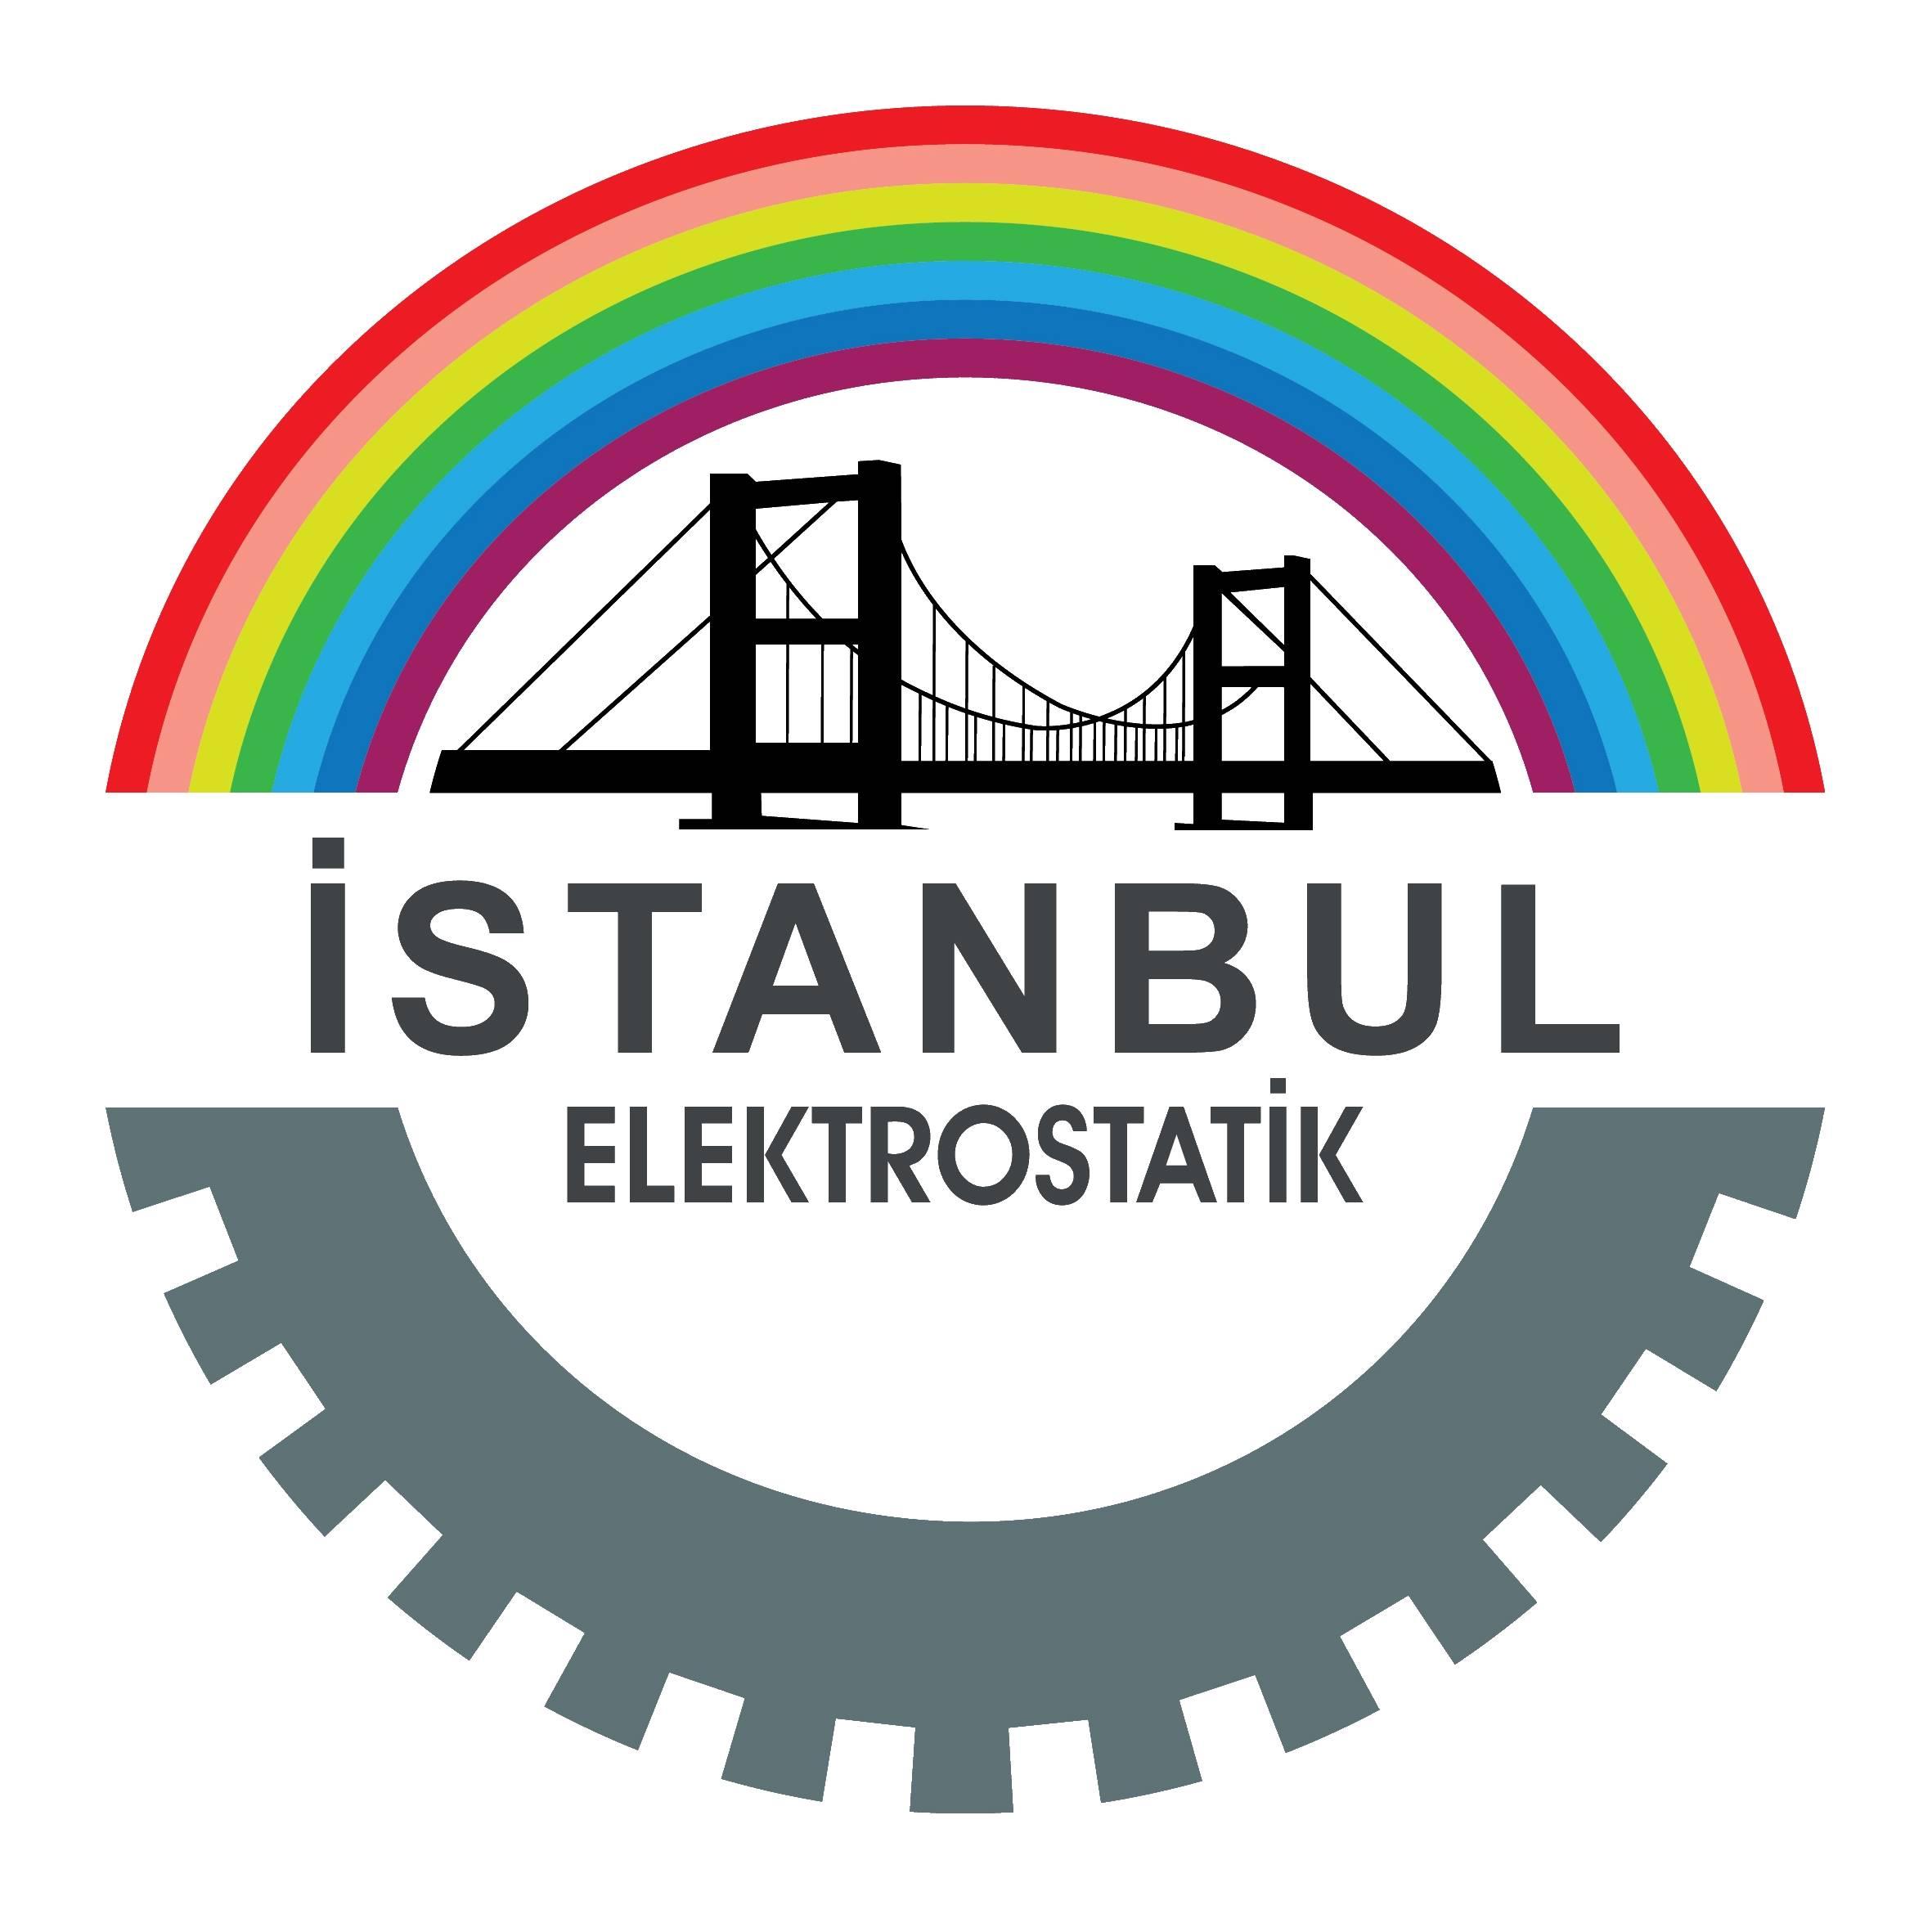 ISTANBUL ELEKTROSTATIK MAKINE LTD. STI.